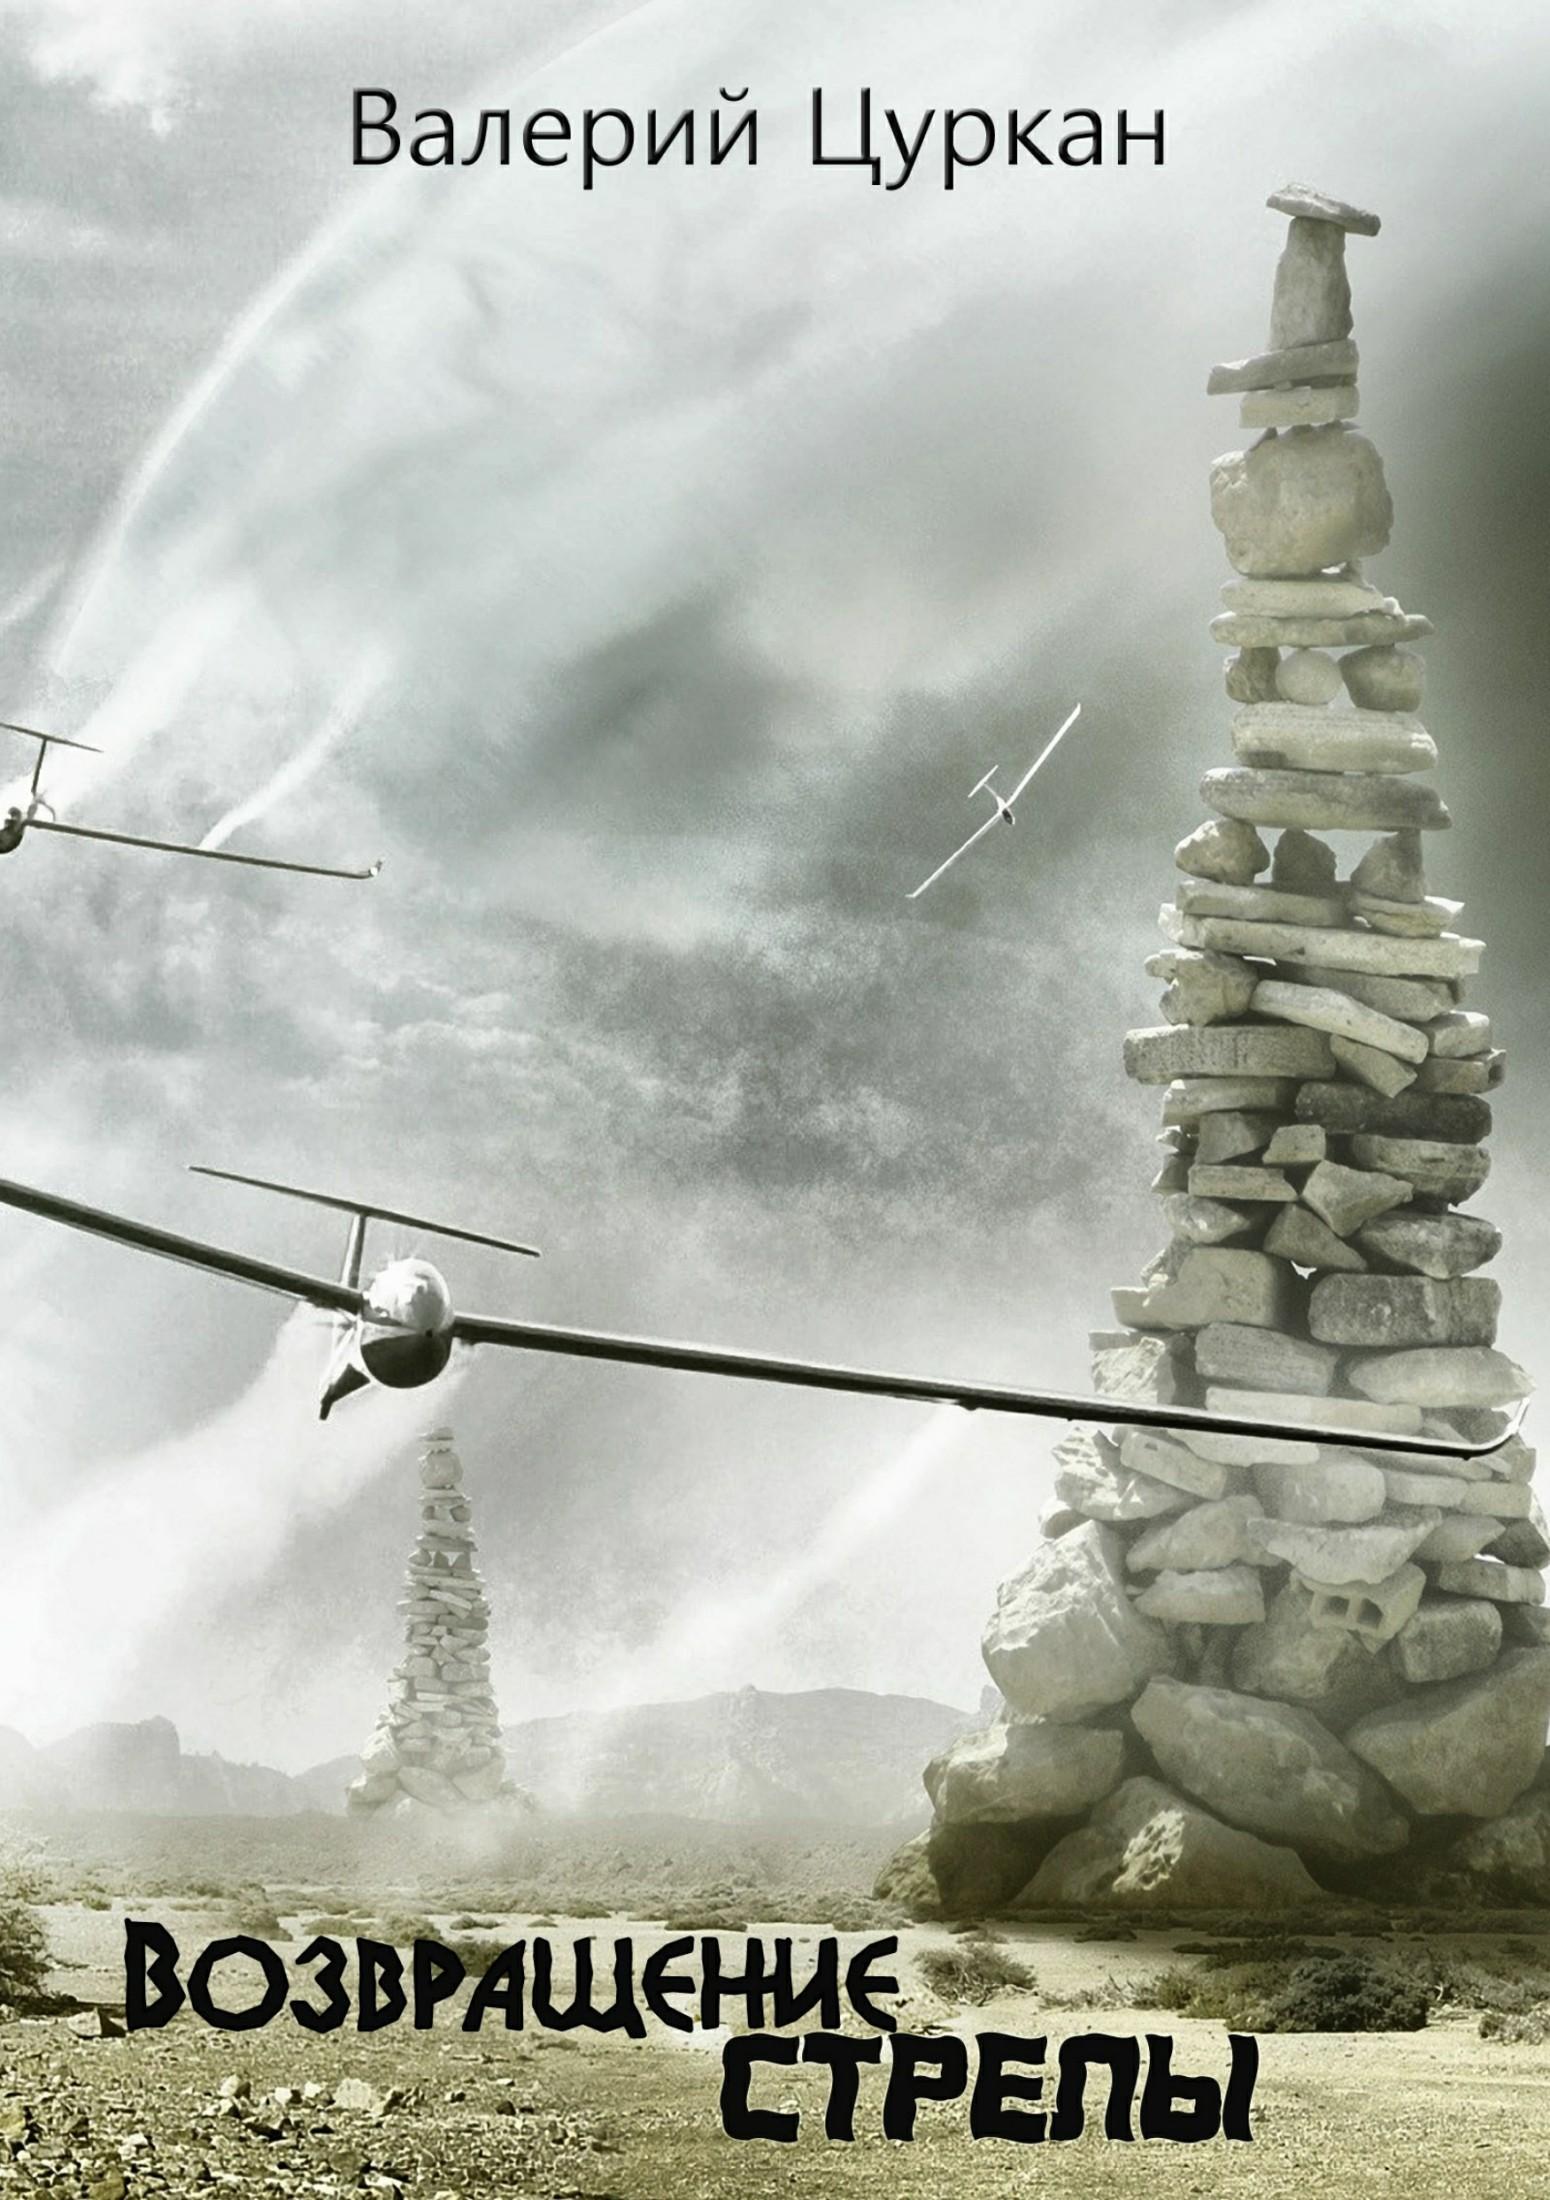 Валерий Цуркан - Возвращение Стрелы